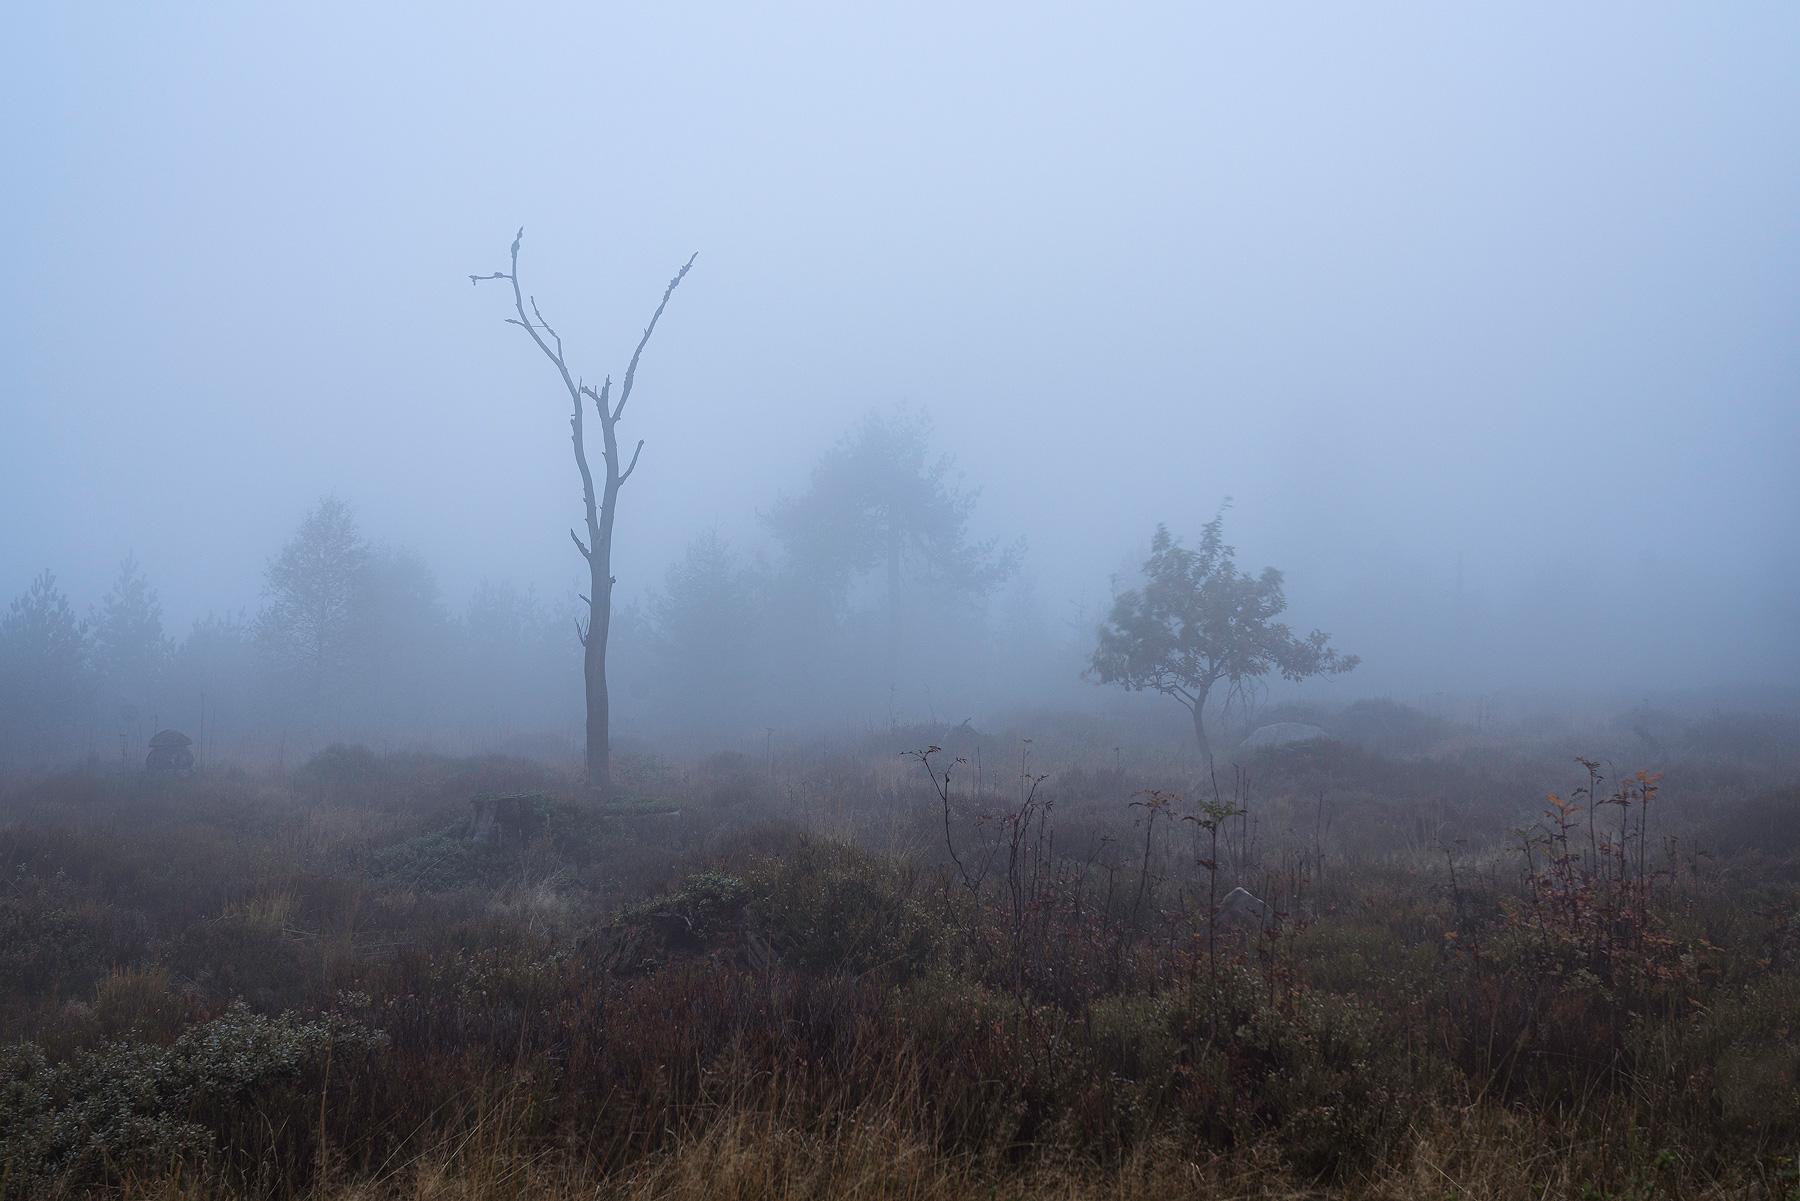 Nebel im Schwarzwald. Einzelne Silhouetten von Bäumen, die auf einer Anhöhe stehen.